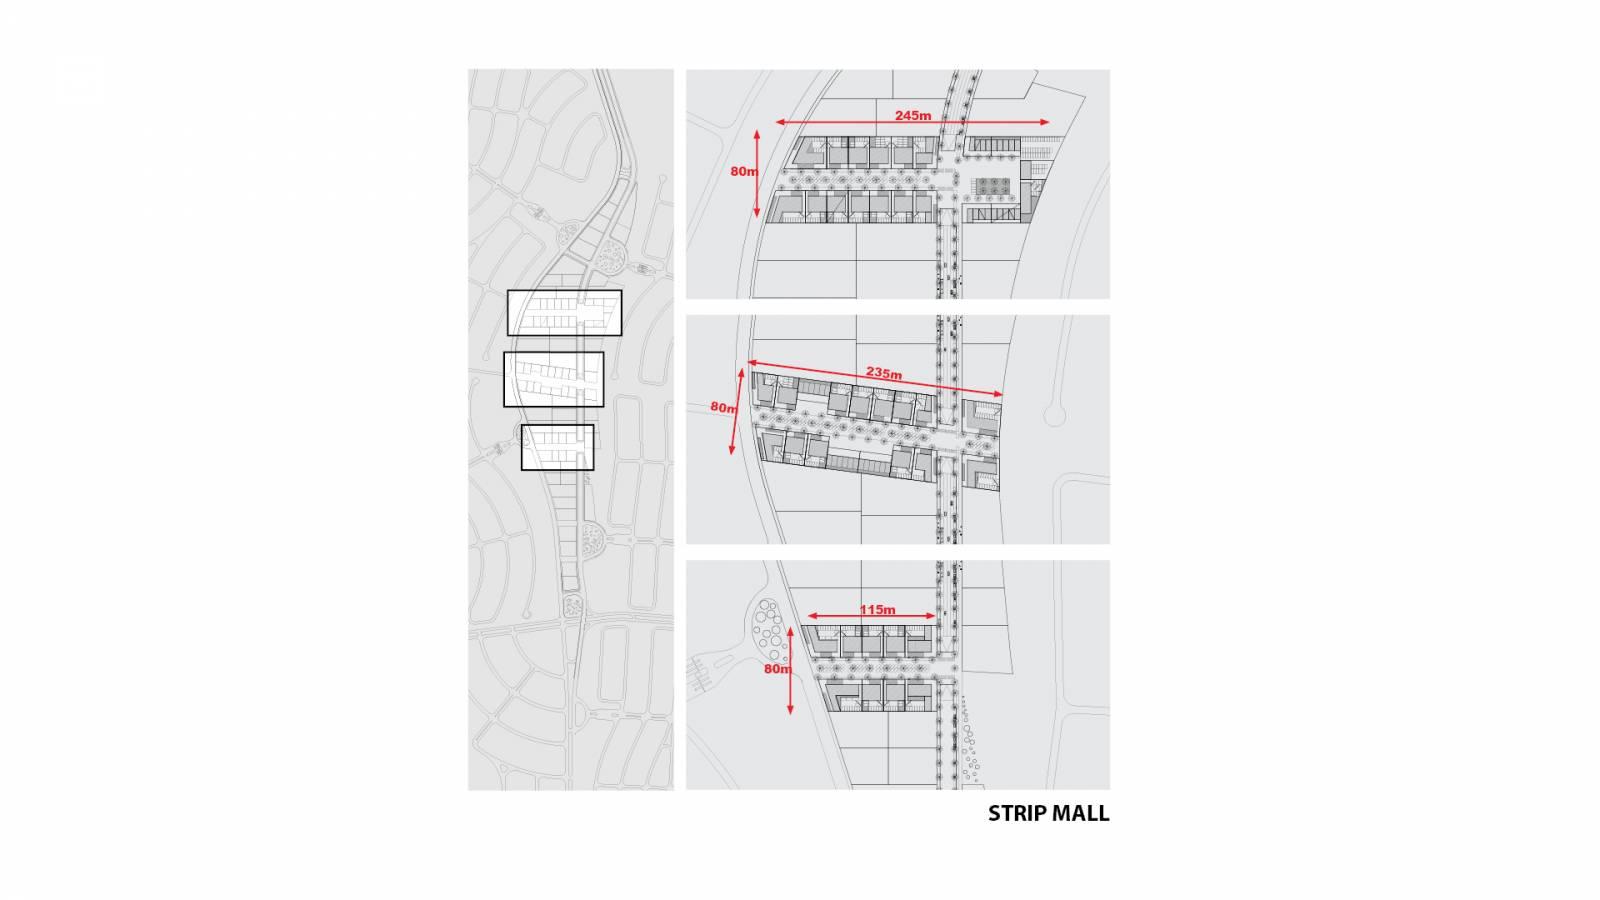 STRIP MALL - Alphaville Ceará - SPOL Architects